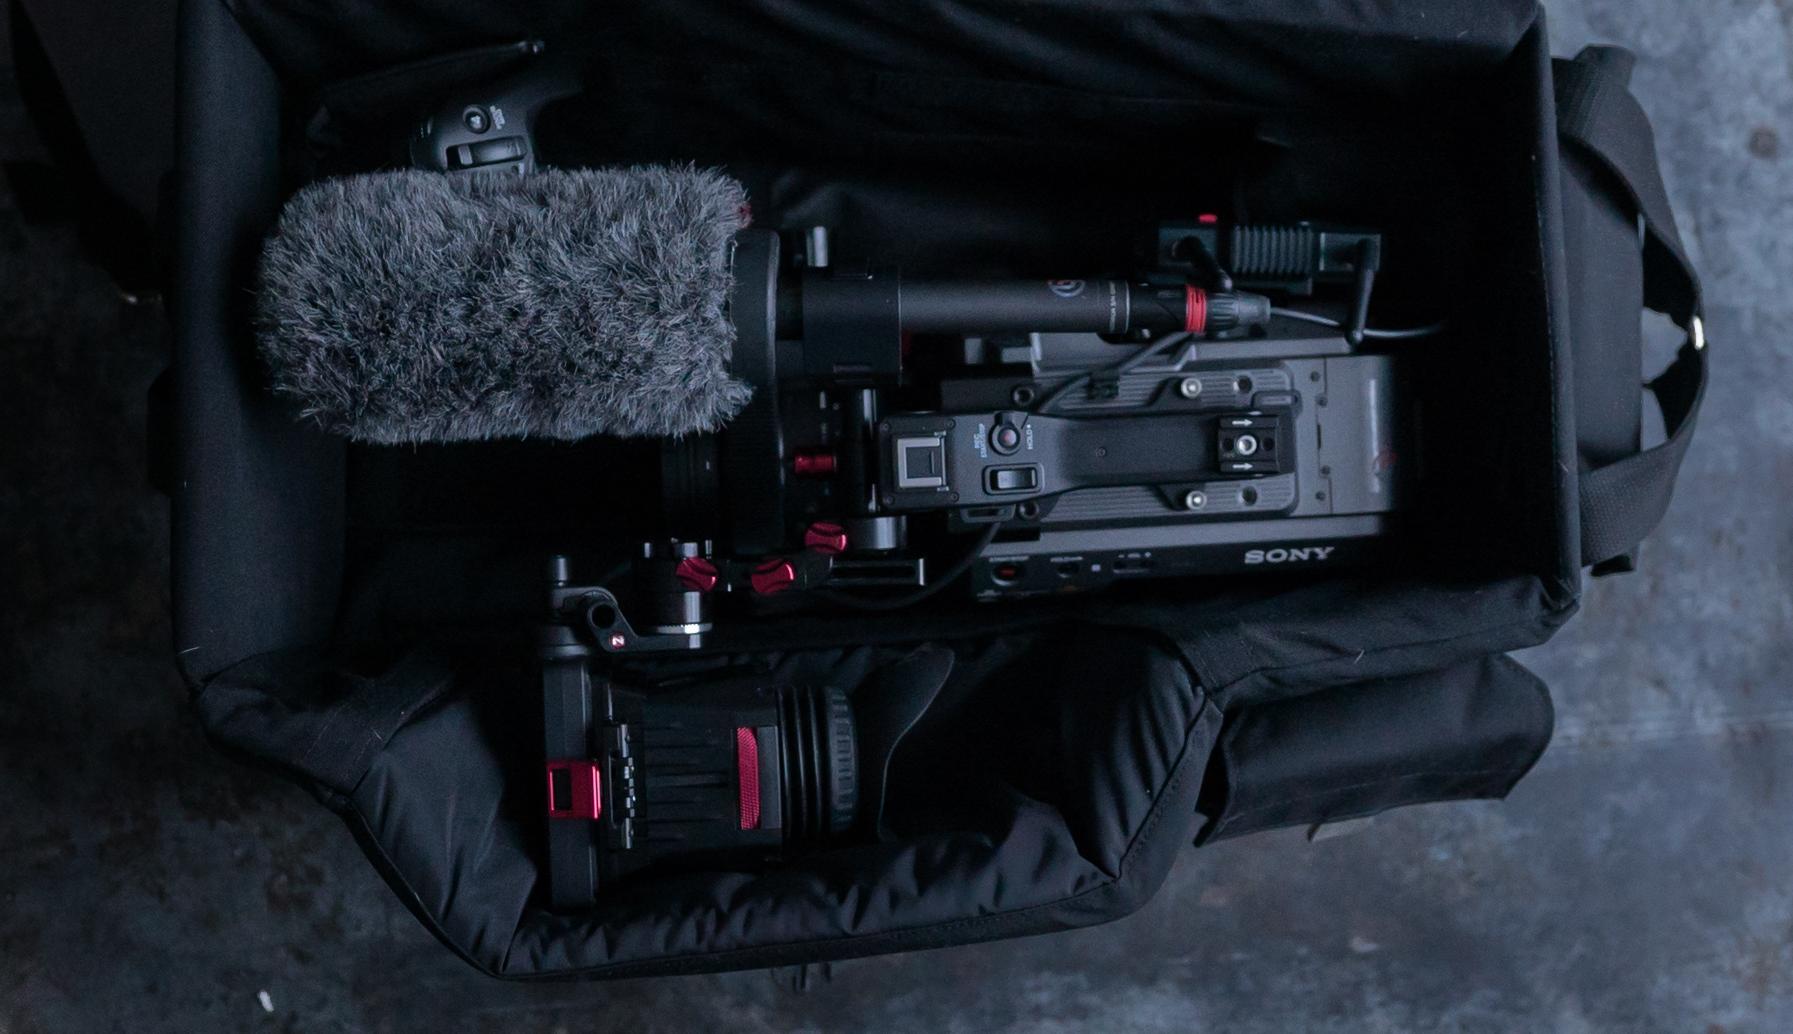 Sony FX9 i Porta Brace bag